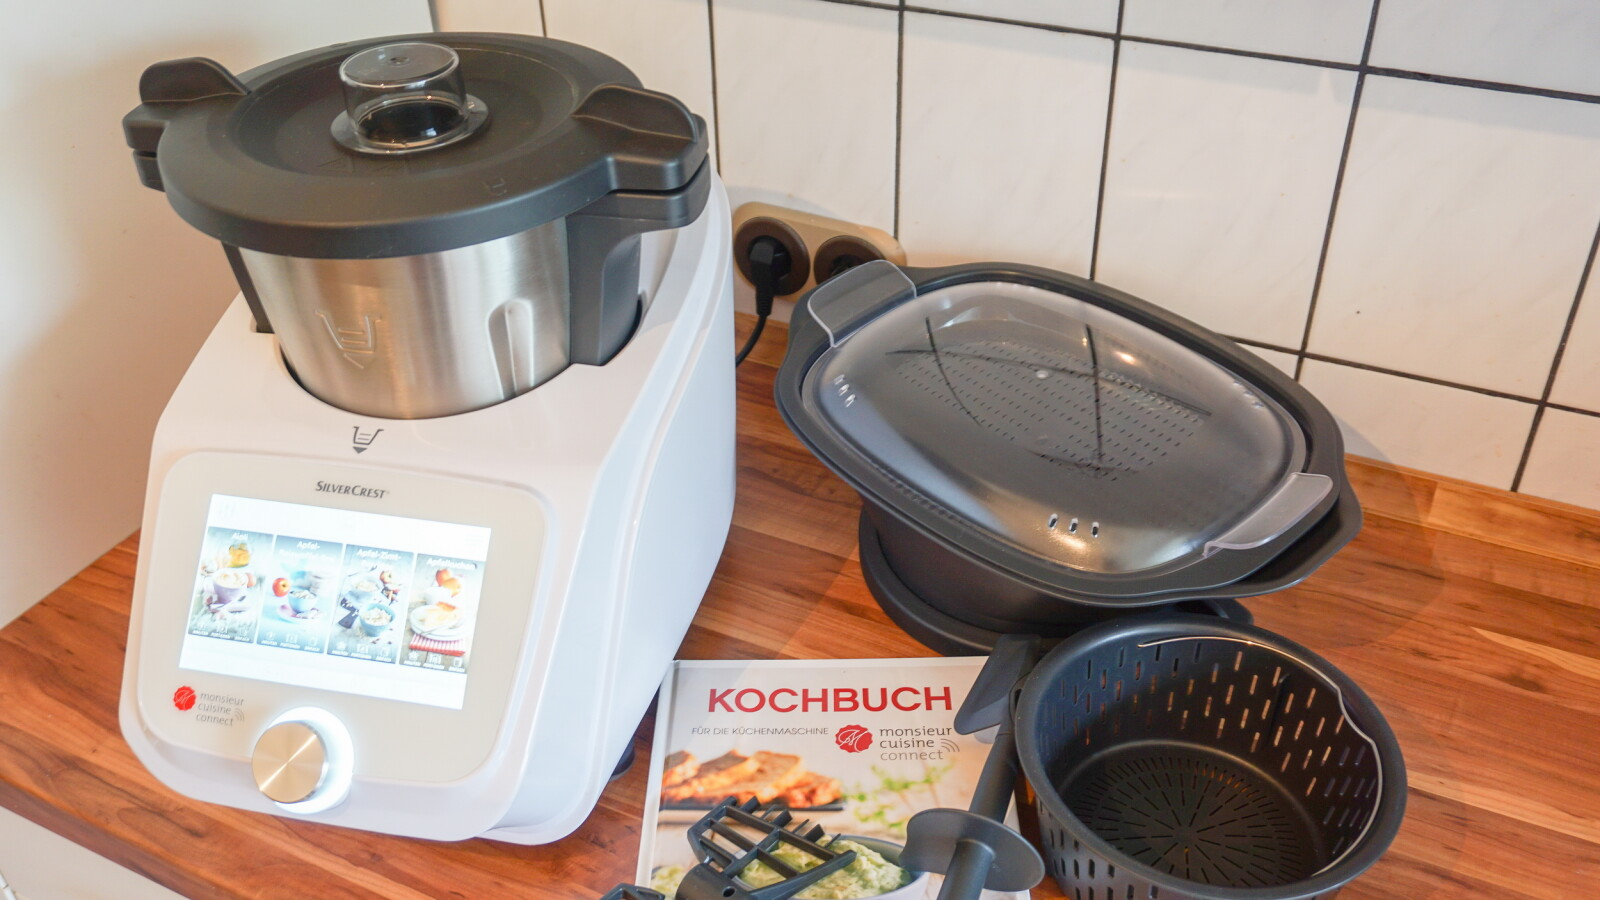 Monsieur Cuisine kaufen: Lidl-Küchenmaschine wieder verfügbar - NETZWELT